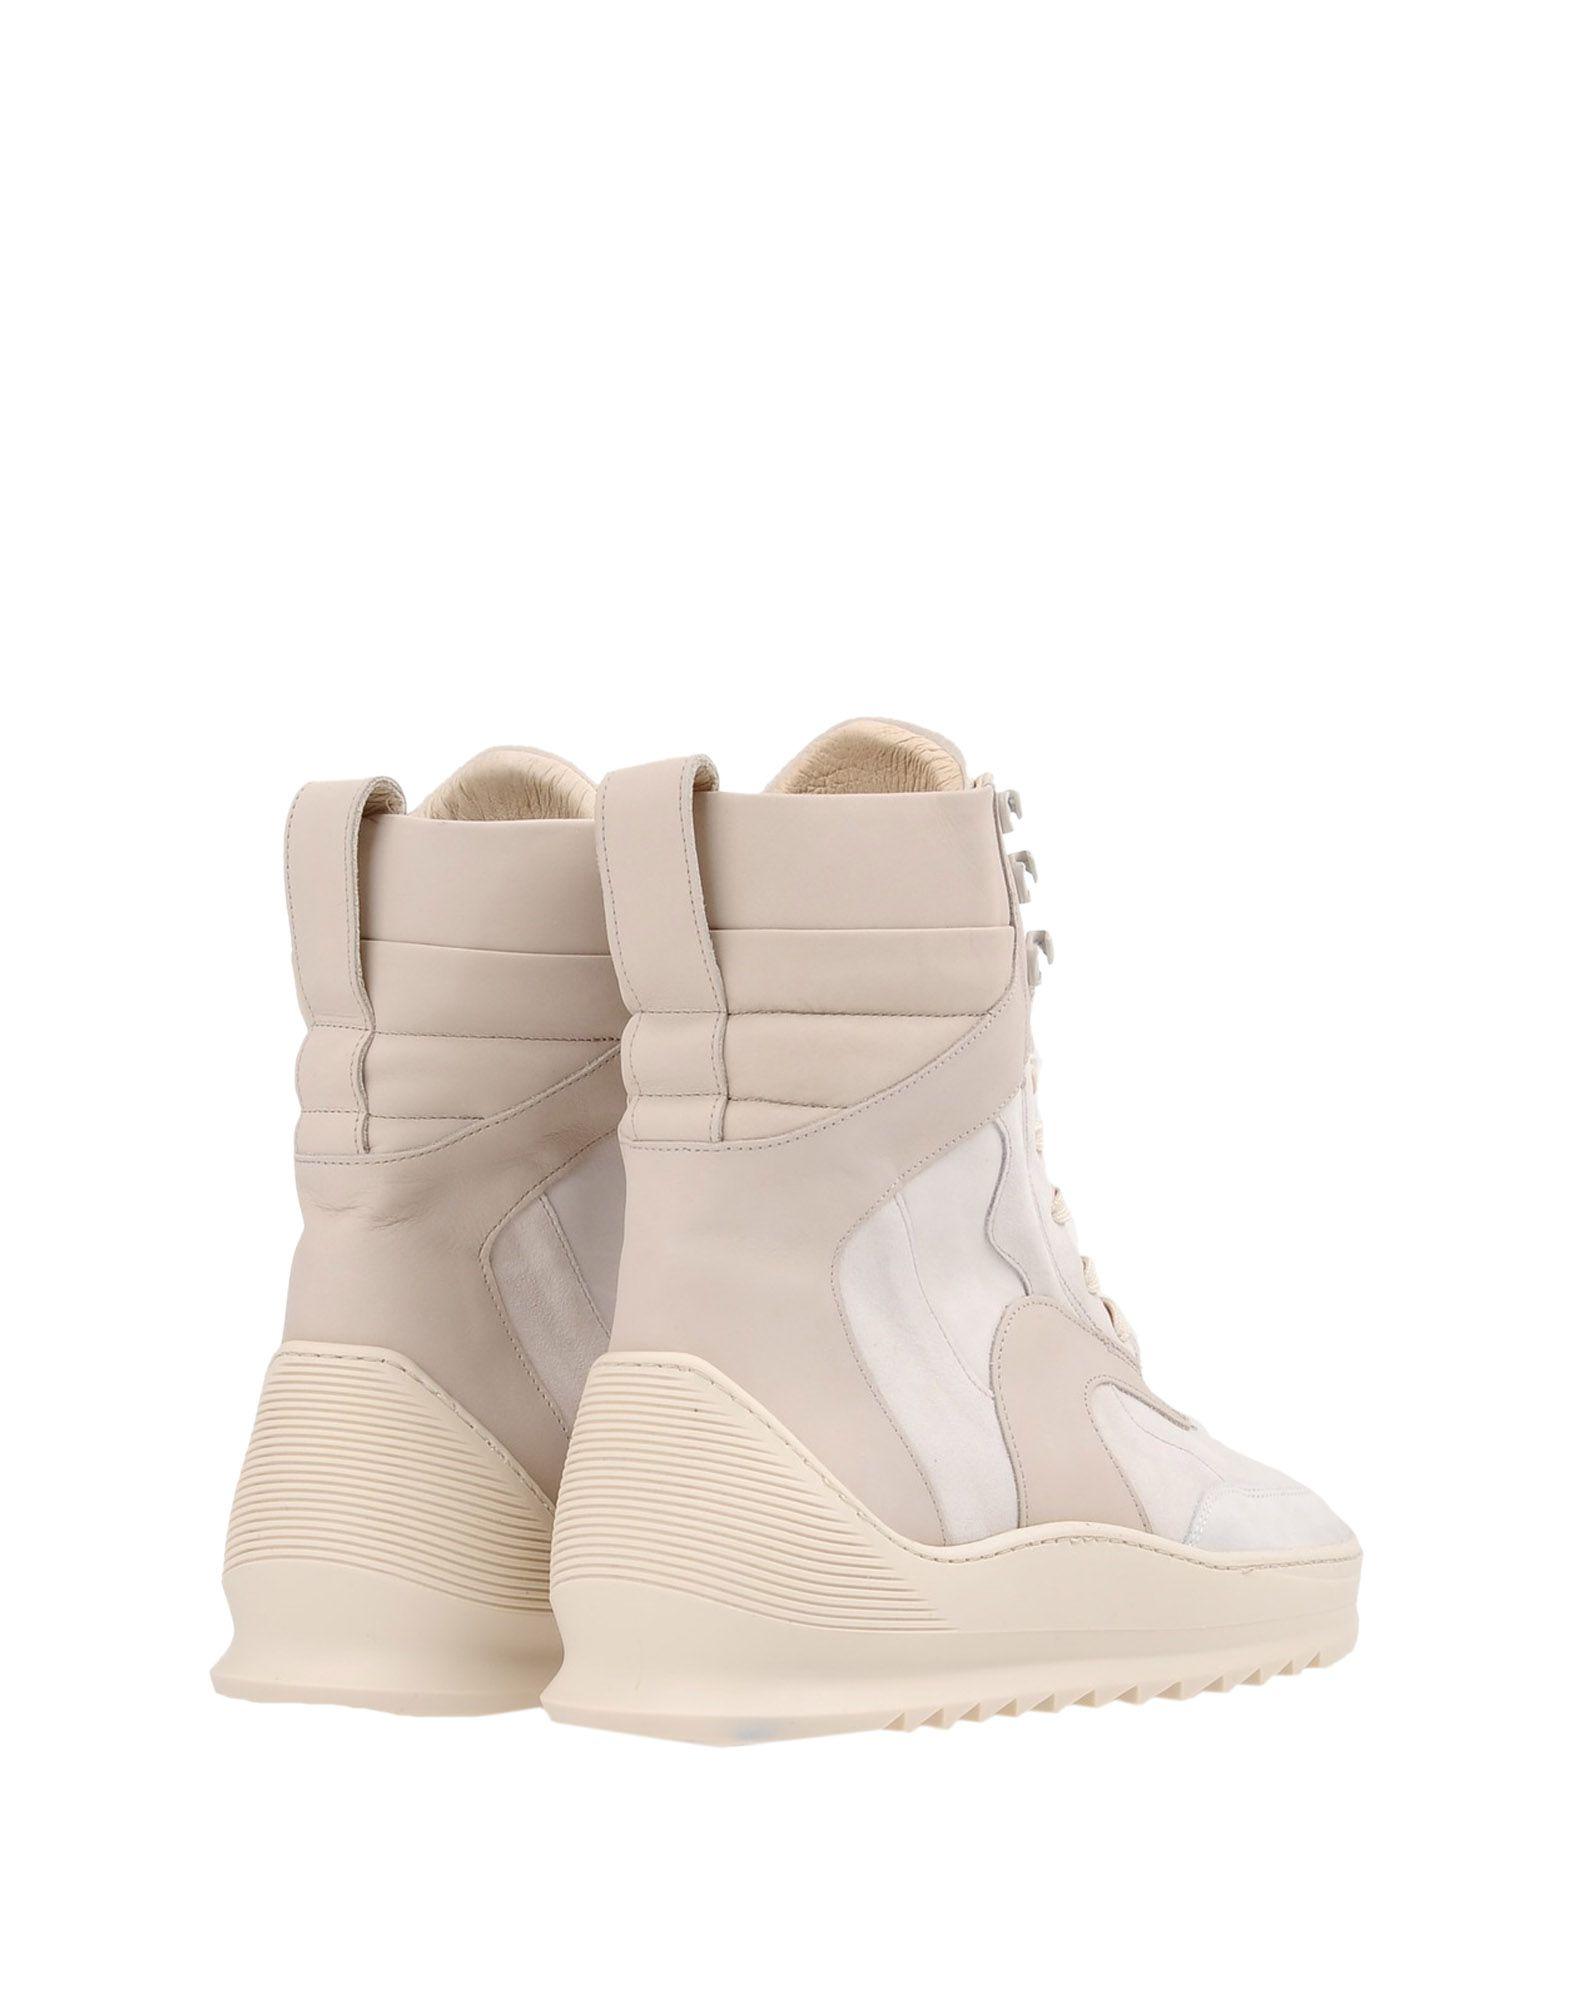 Sneakers Filling Pieces Peak Boot Heel Cap Storm - Homme - Sneakers Filling Pieces sur